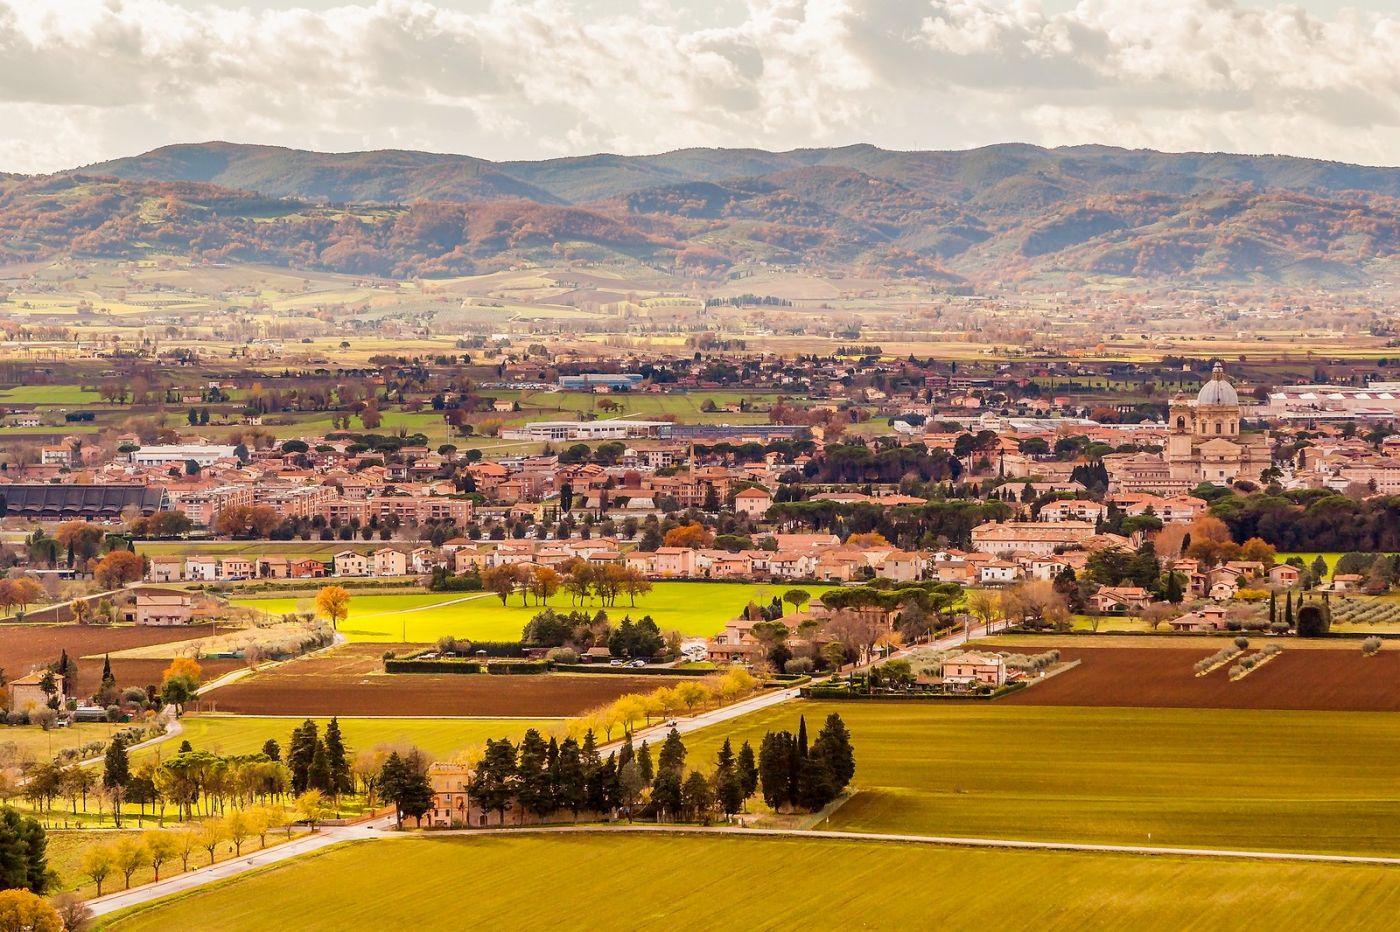 意大利阿西西(Assisi), 登高放眼_图1-28